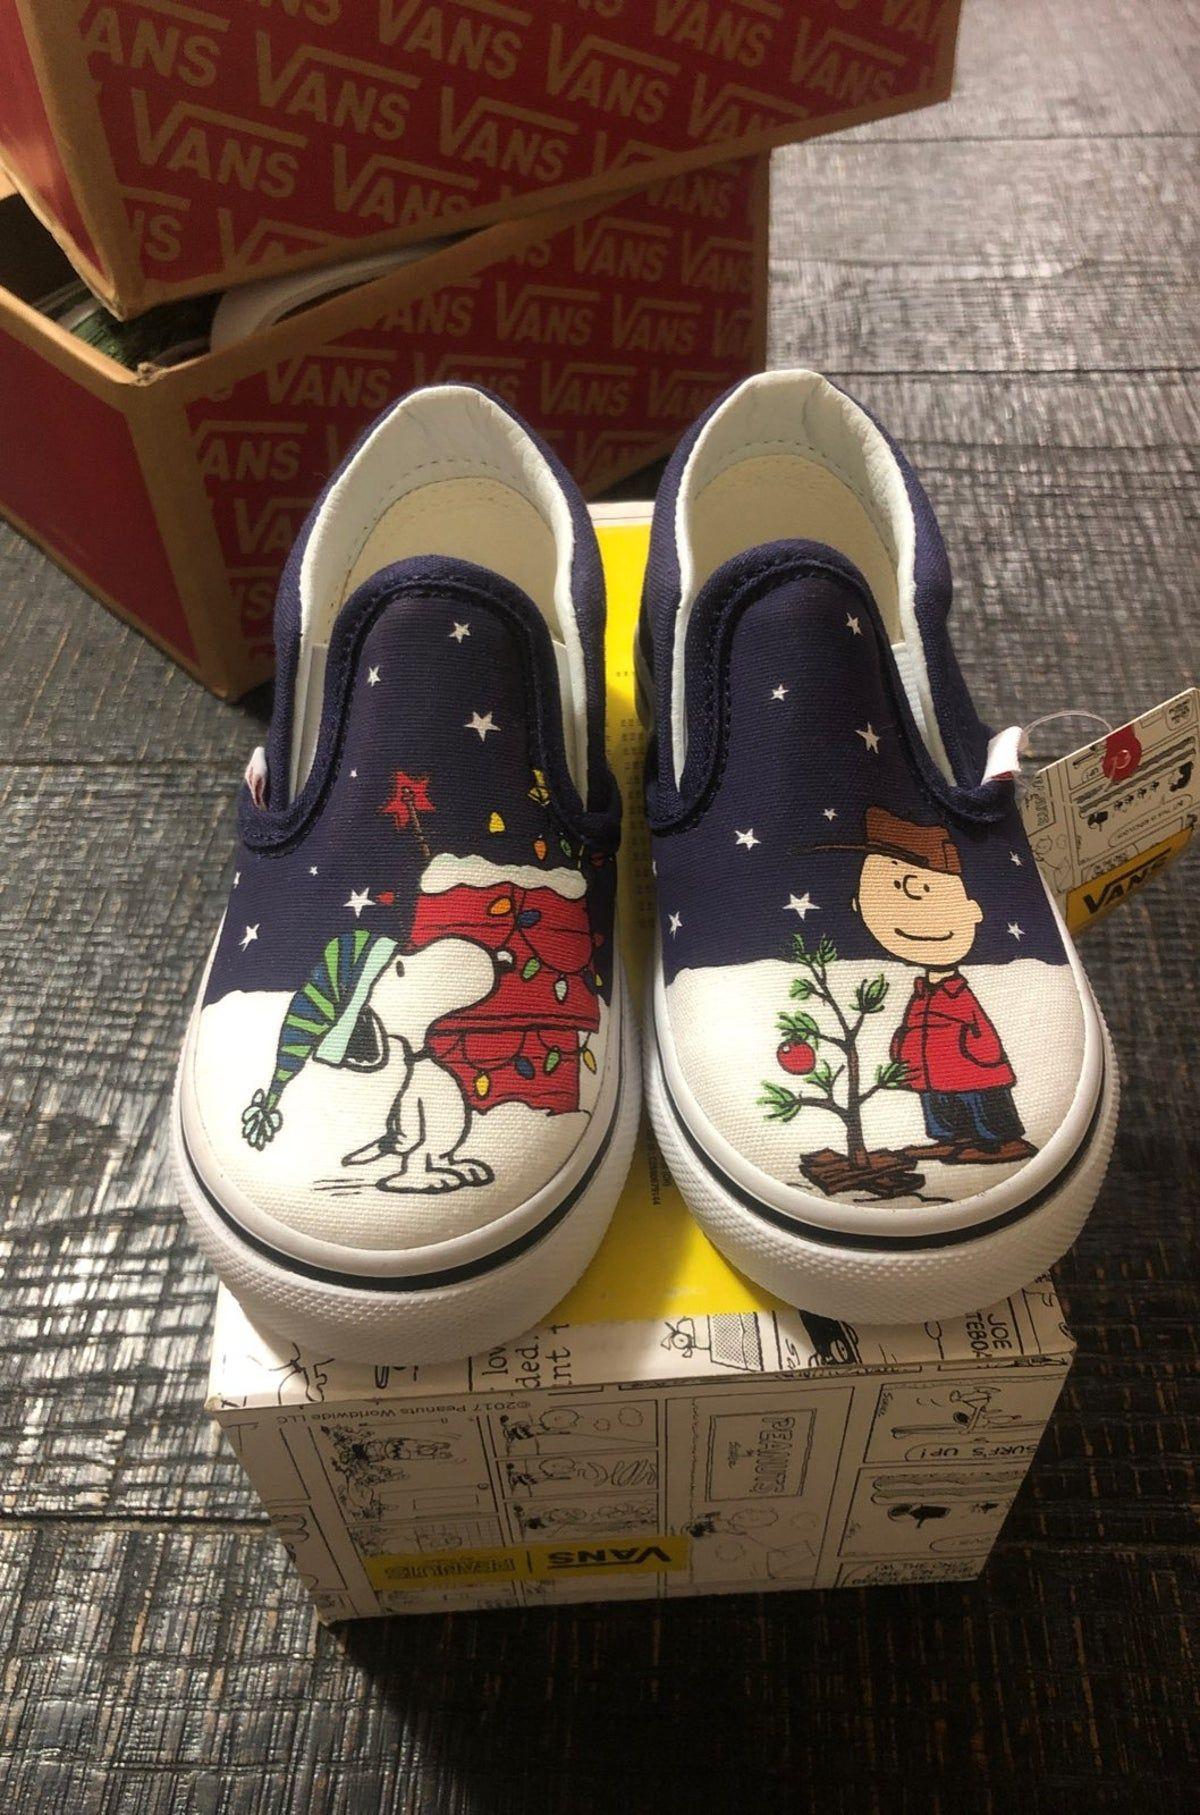 Christmas Vans Peanuts 2020 peanuts vans in 2020   Vans toddler shoes, Vans, Toddler shoes